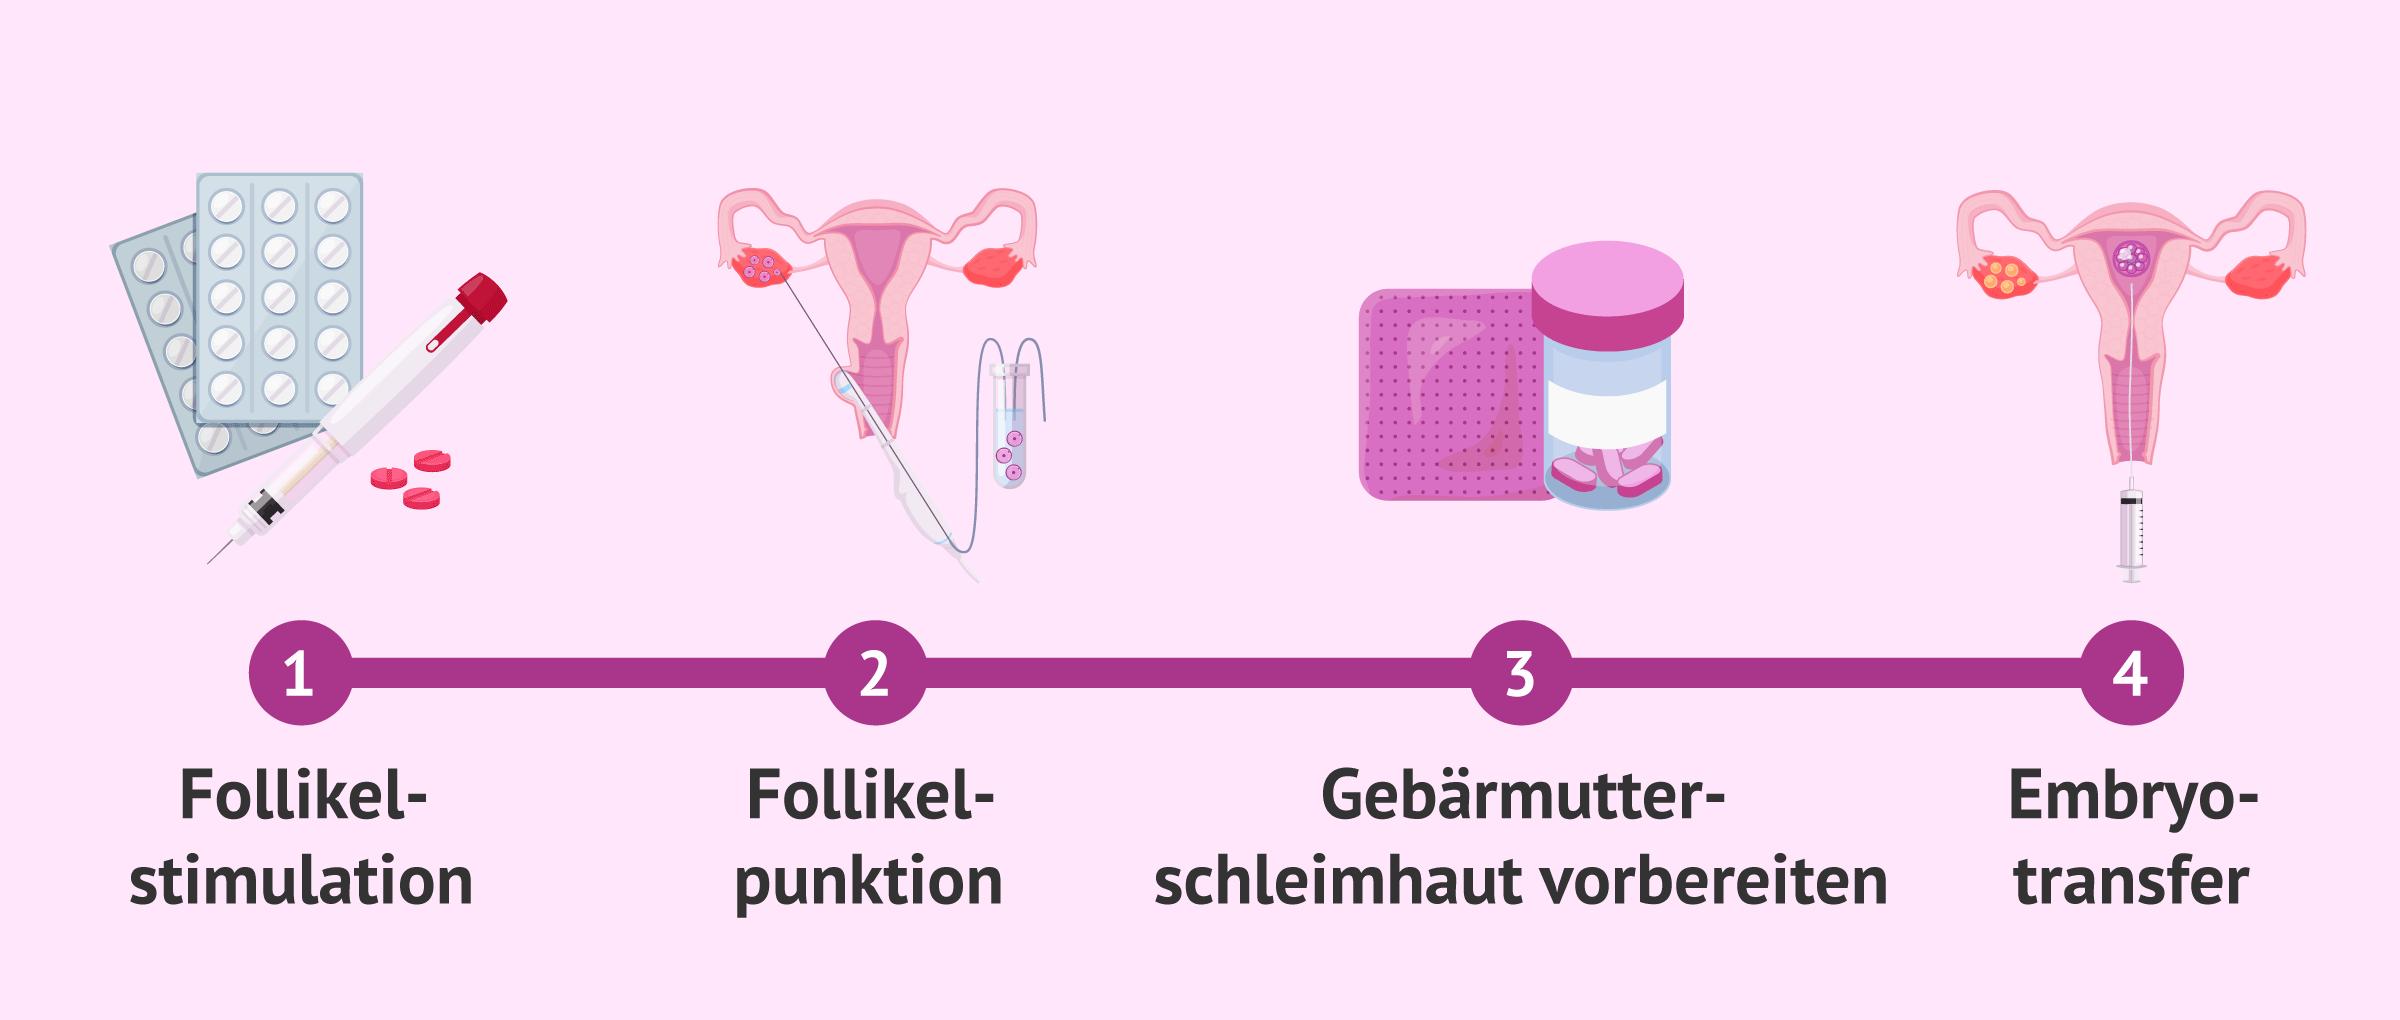 Phasen einer IVF bis zum Embryotransfer